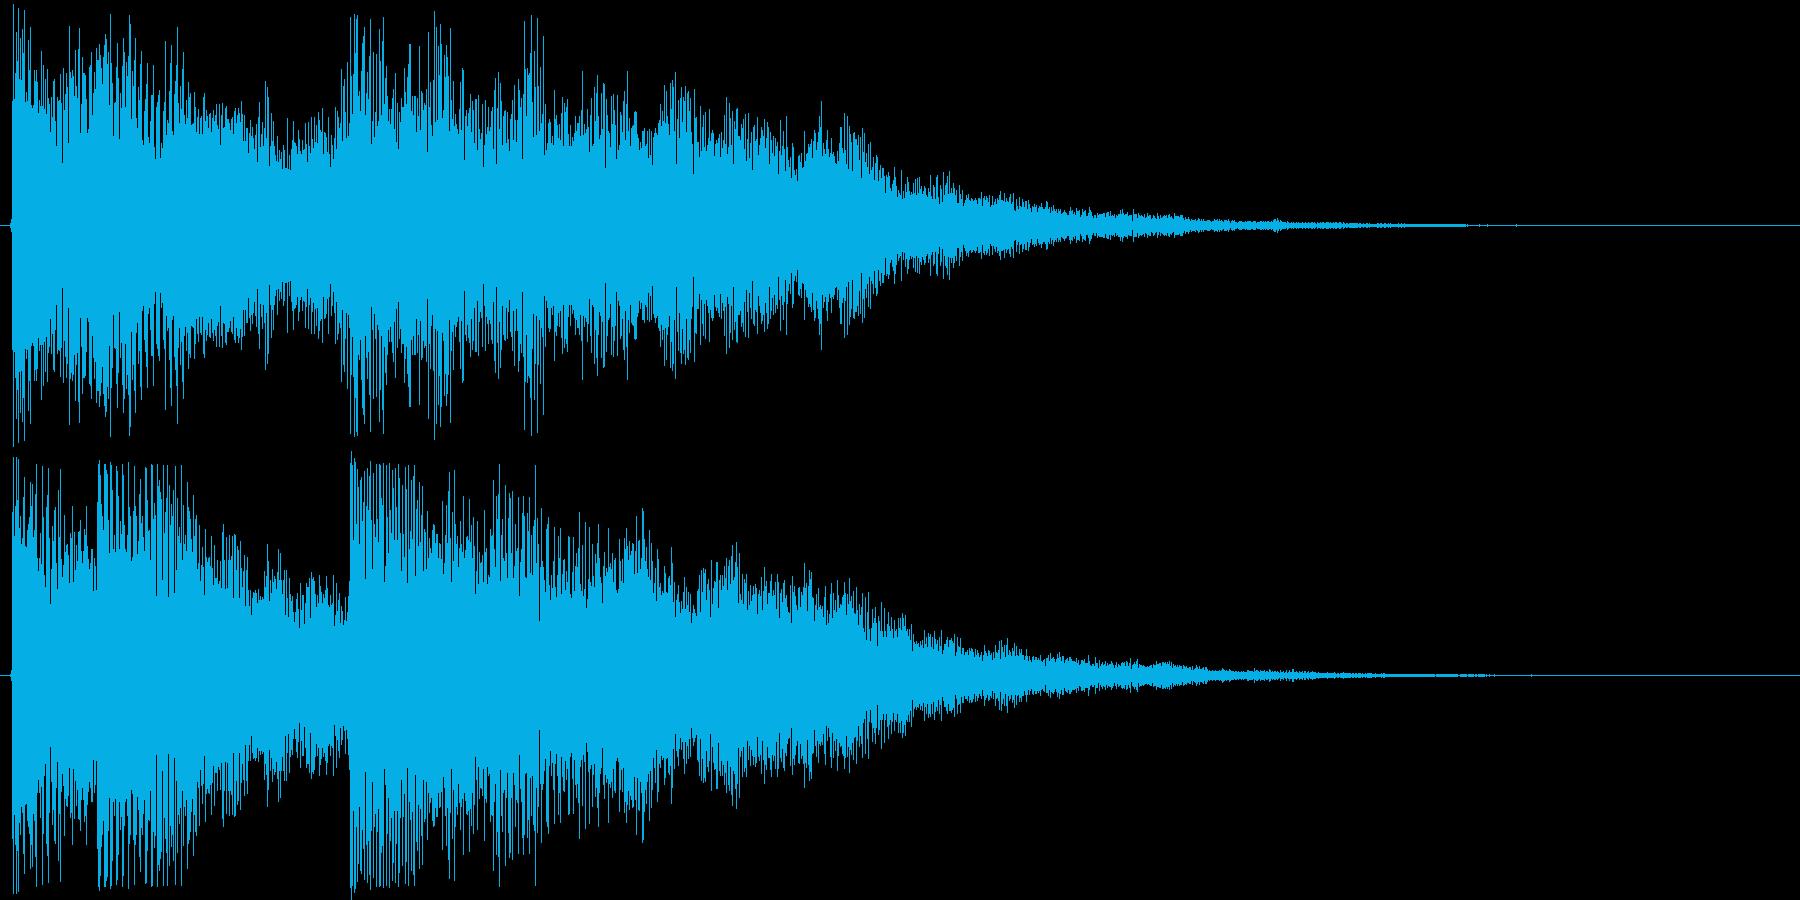 シリアス、クールな感じのゲームオーバー音の再生済みの波形